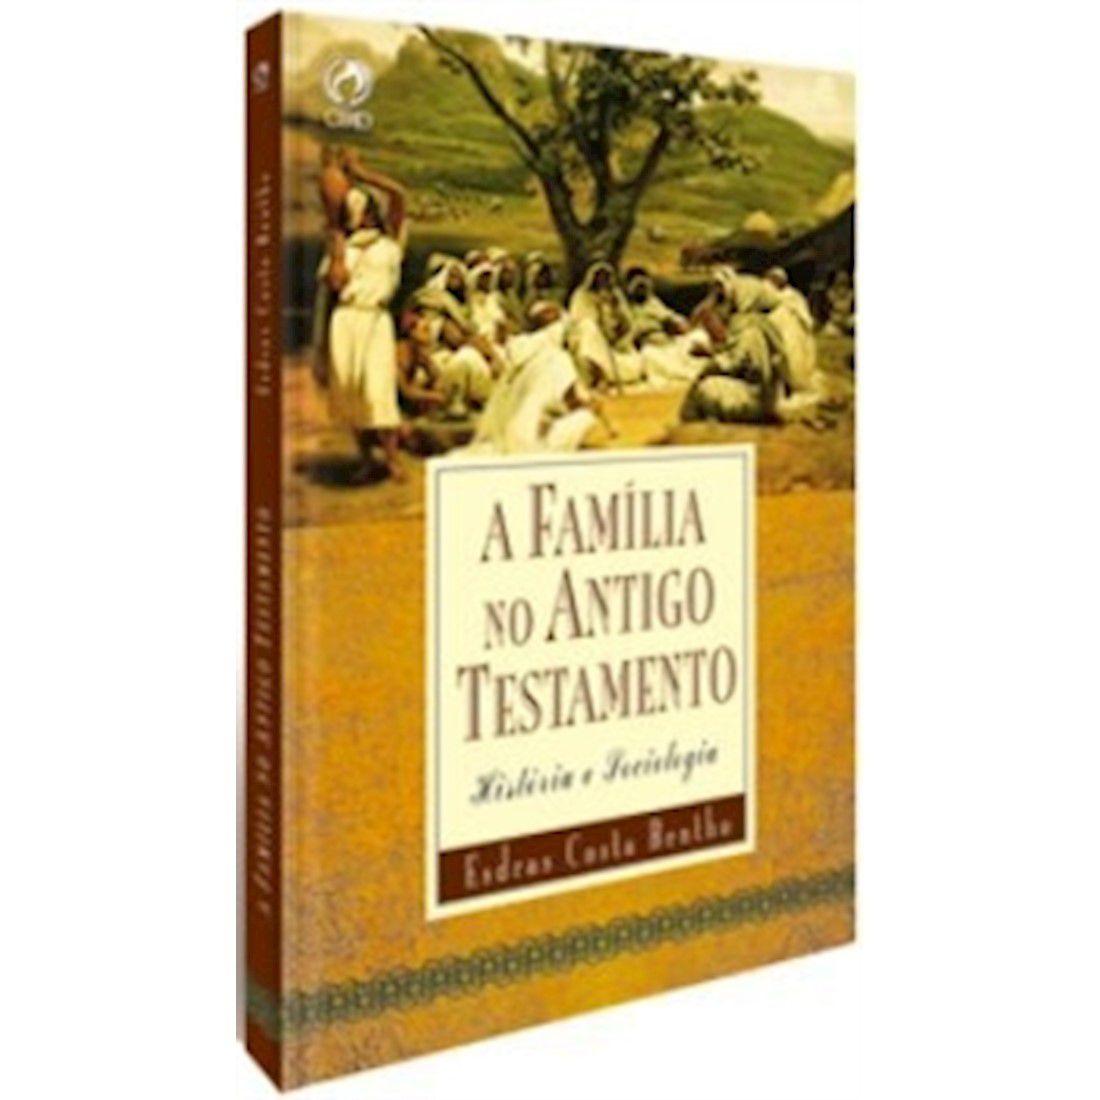 Livro A Família no Antigo Testamento